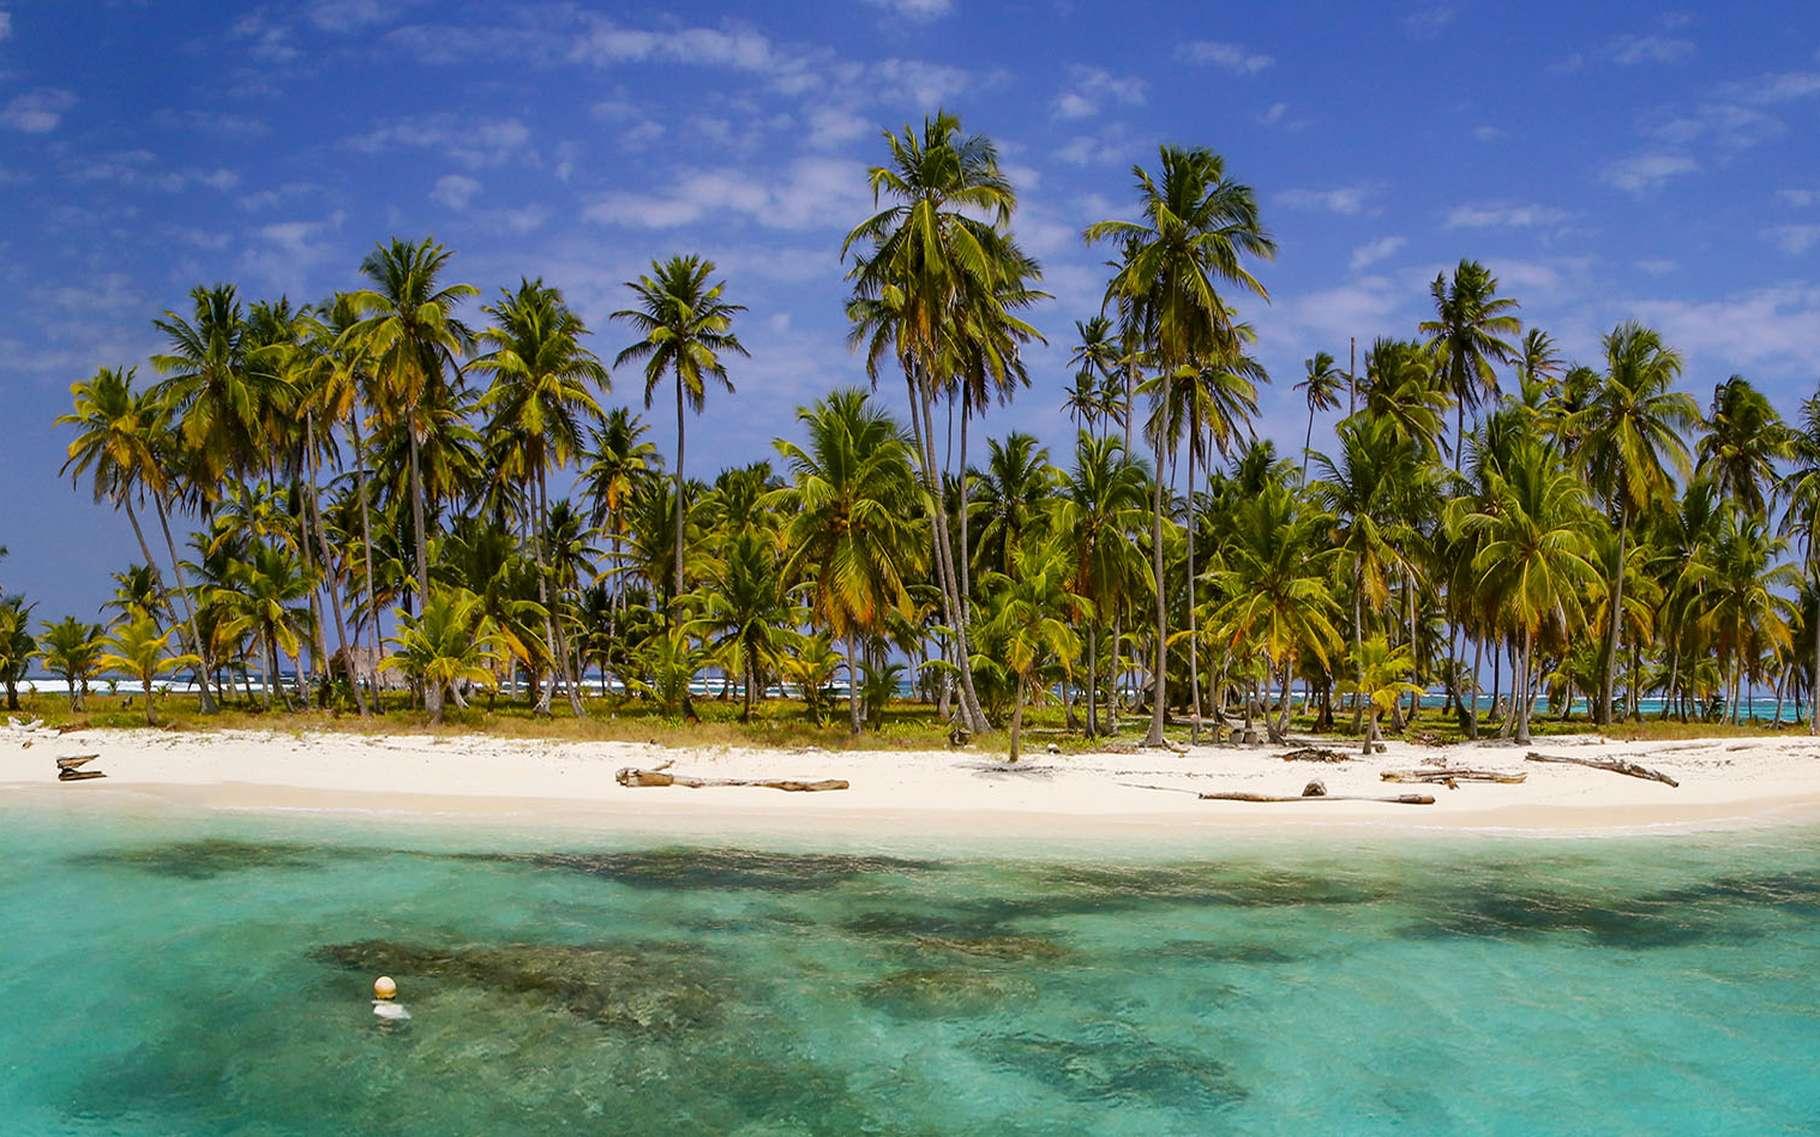 Les îles San Blas, un vrai paradis. © Antoine, tous droits réservés